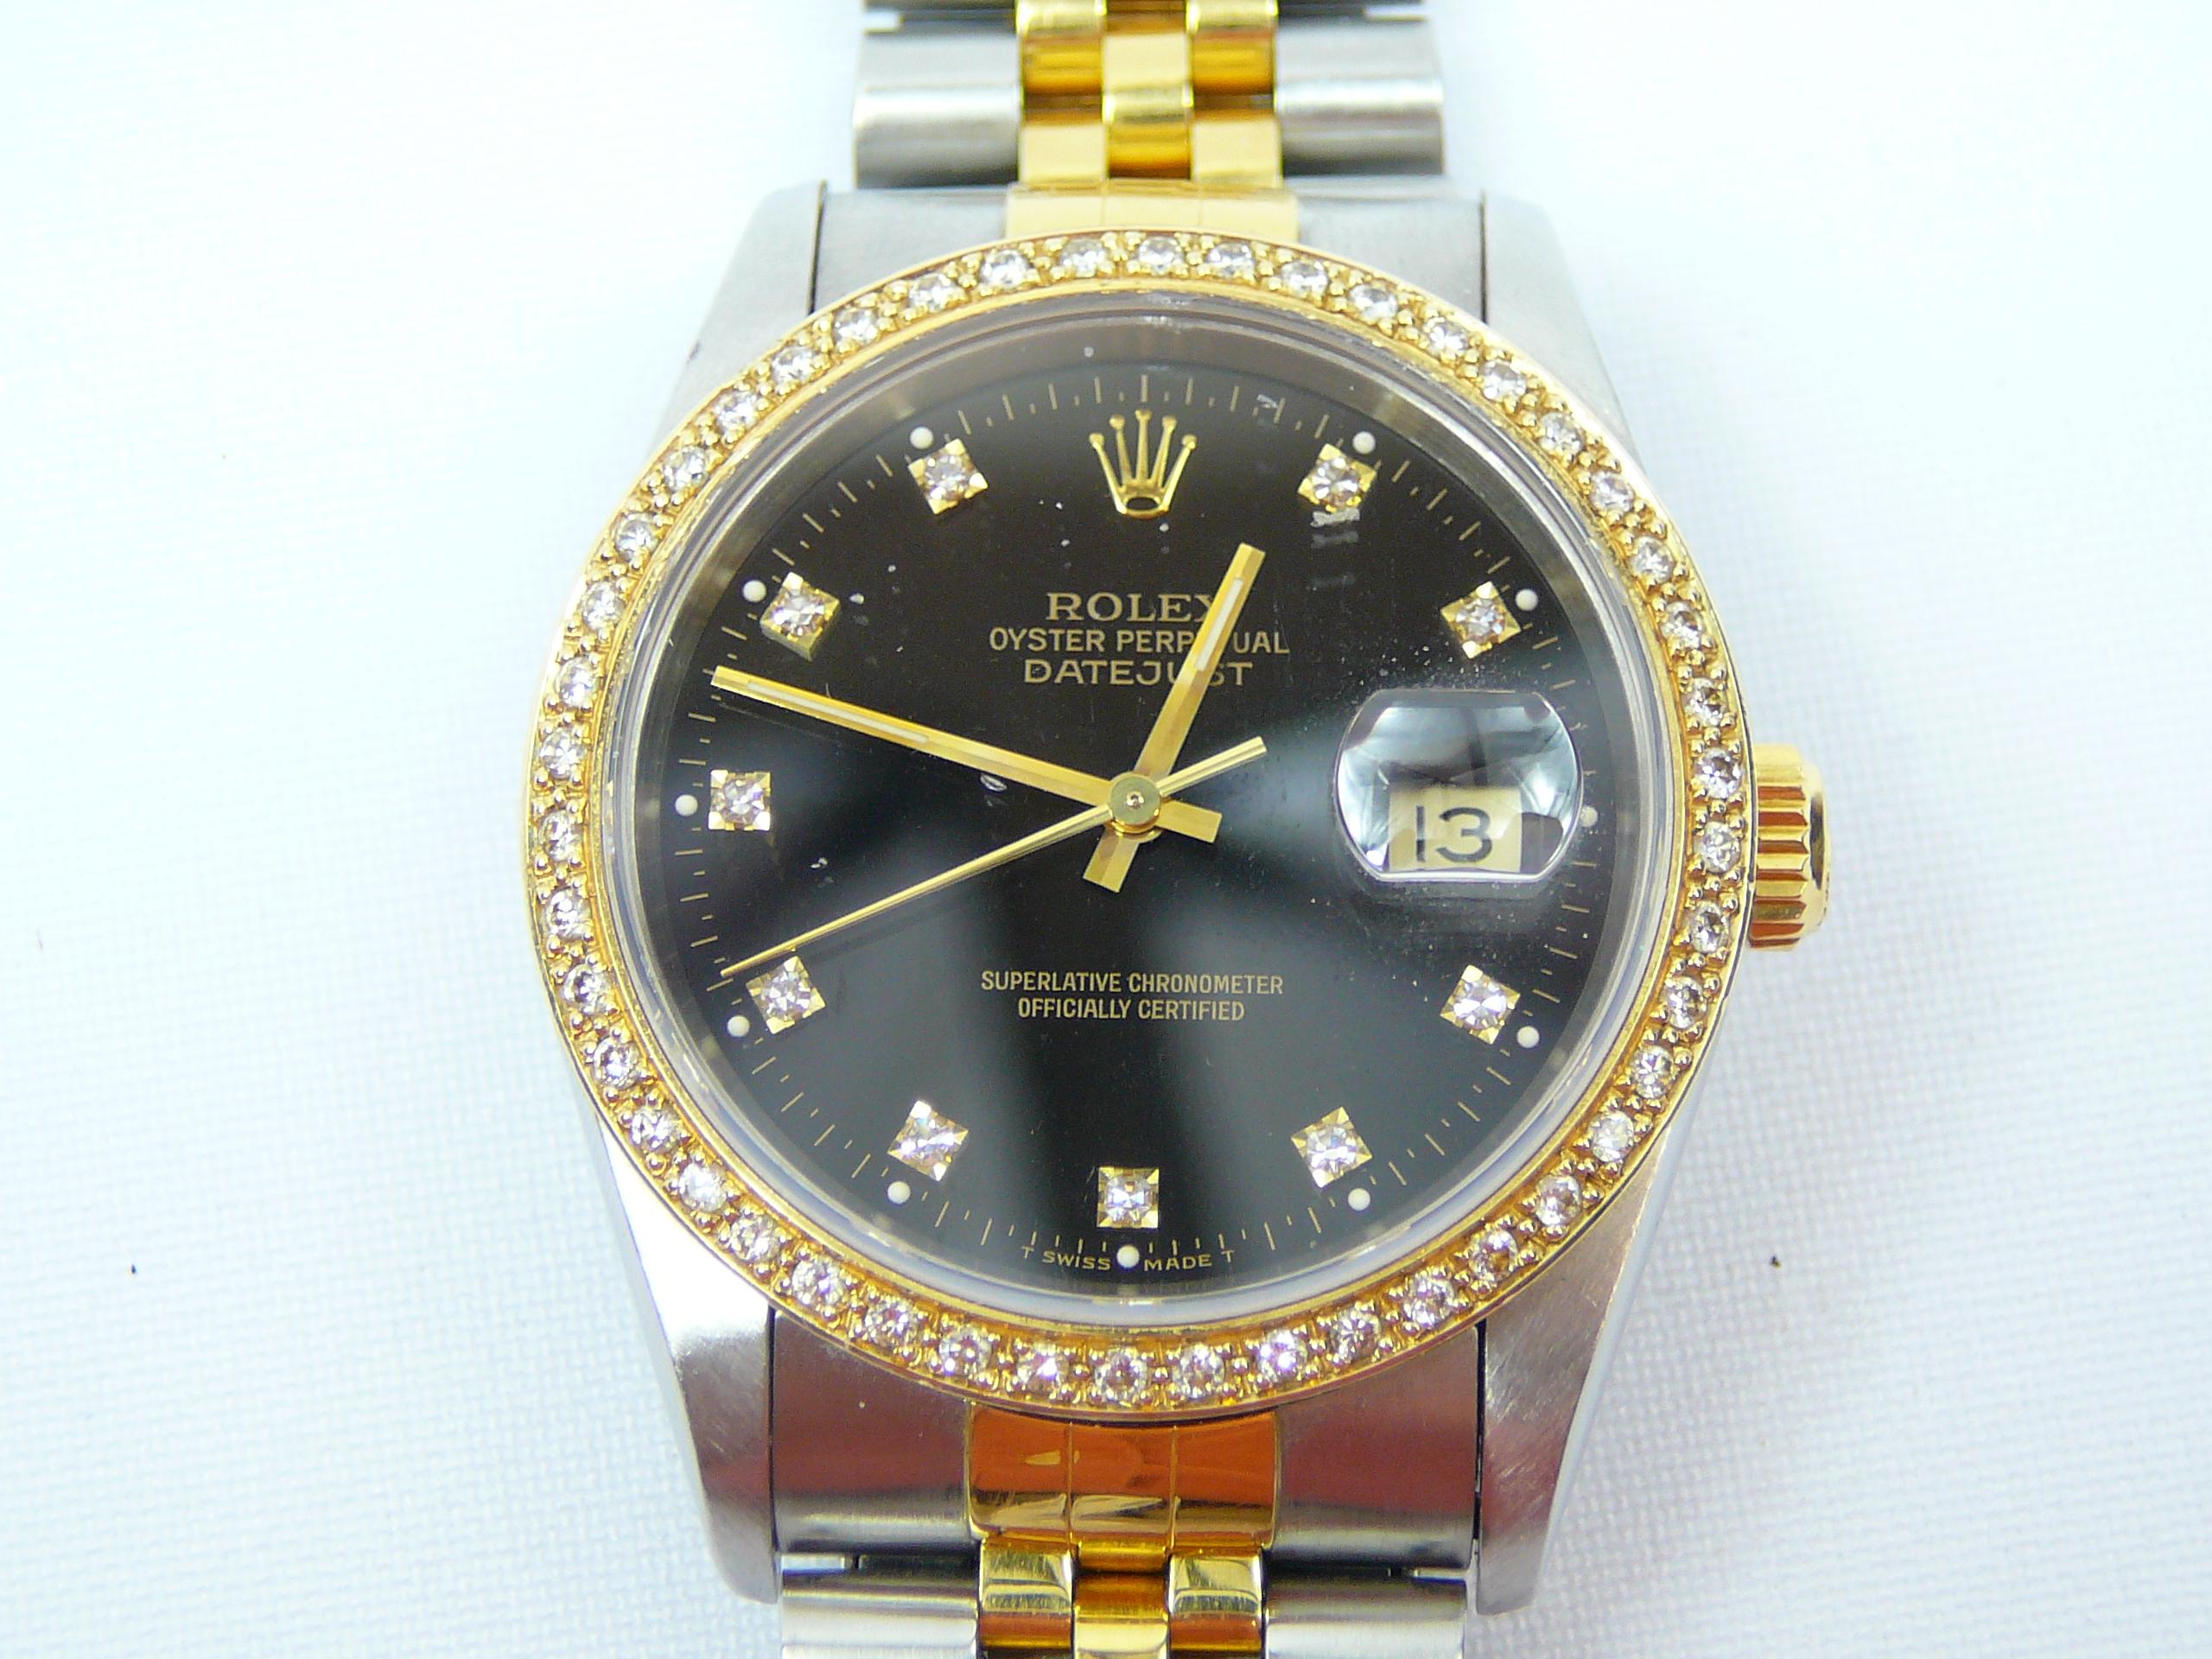 Gents Rolex Wrist Watch - Image 3 of 7